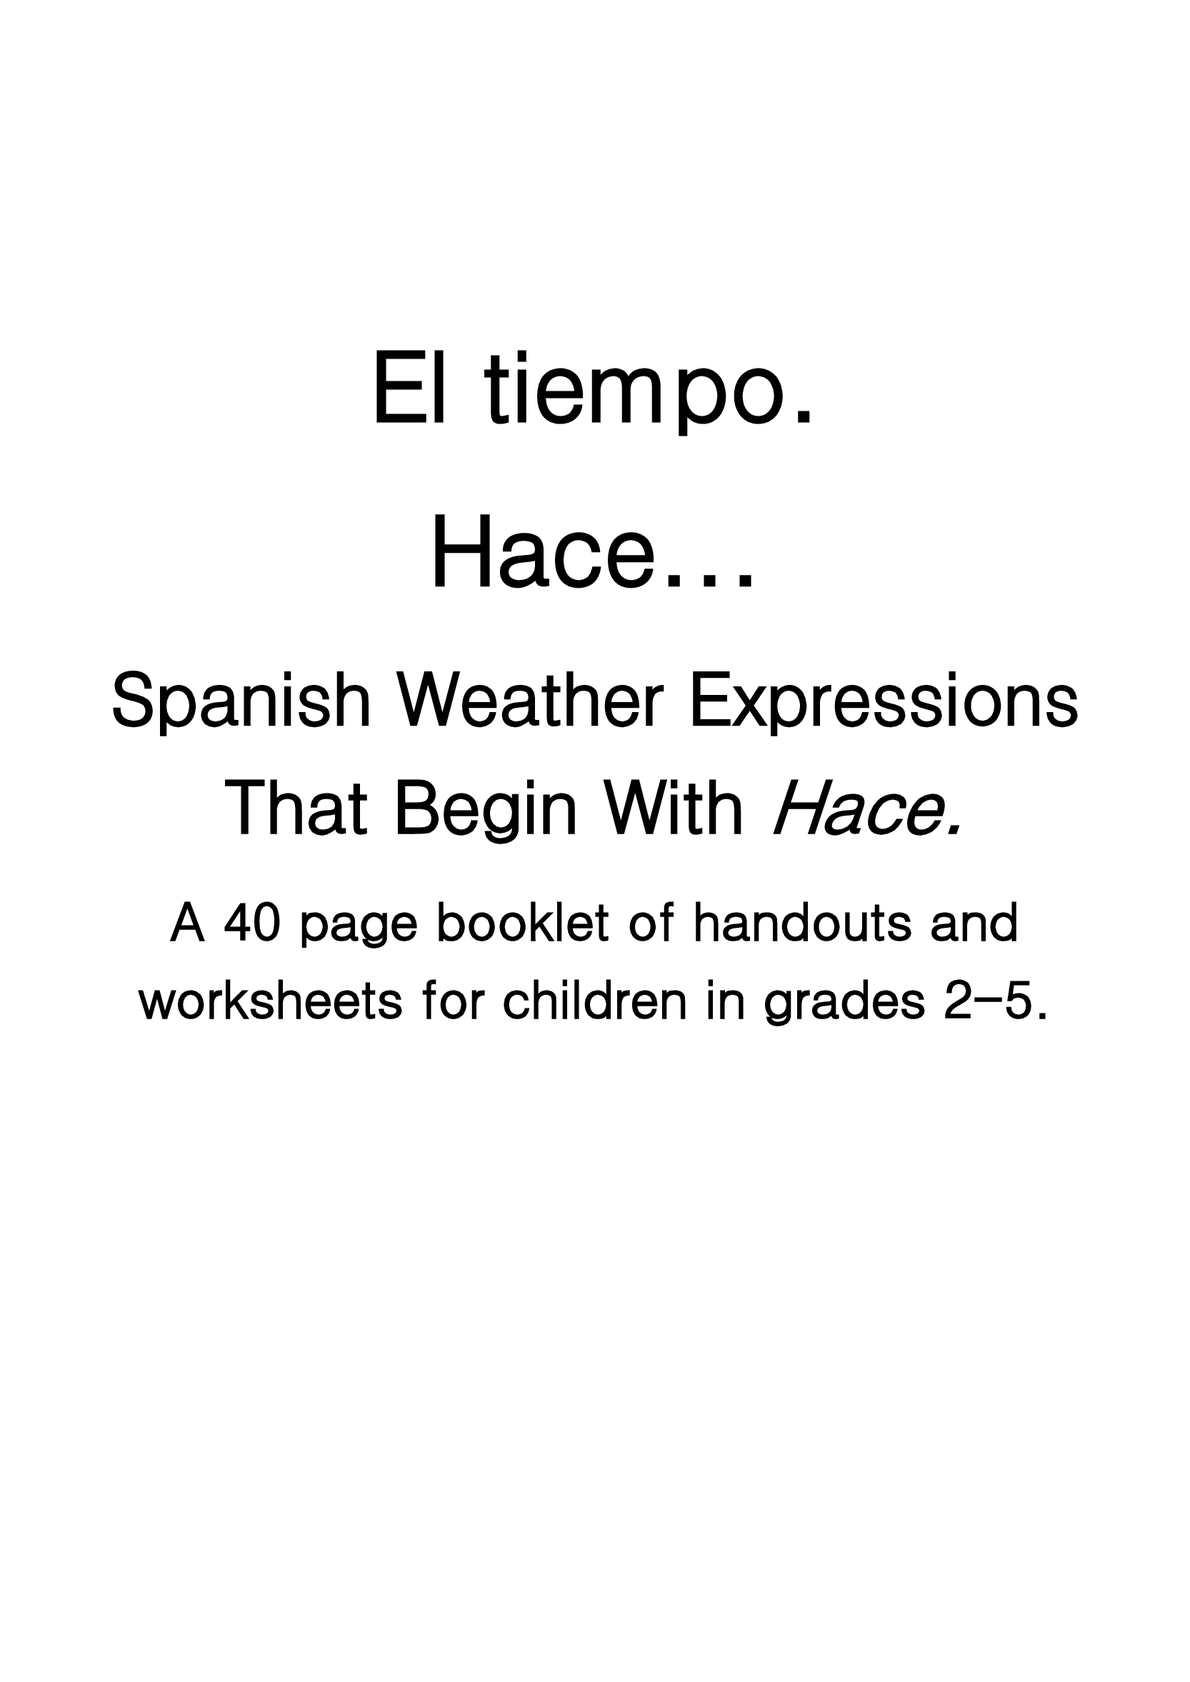 Calaméo - El tiempo hace Spanish Weather Expressions